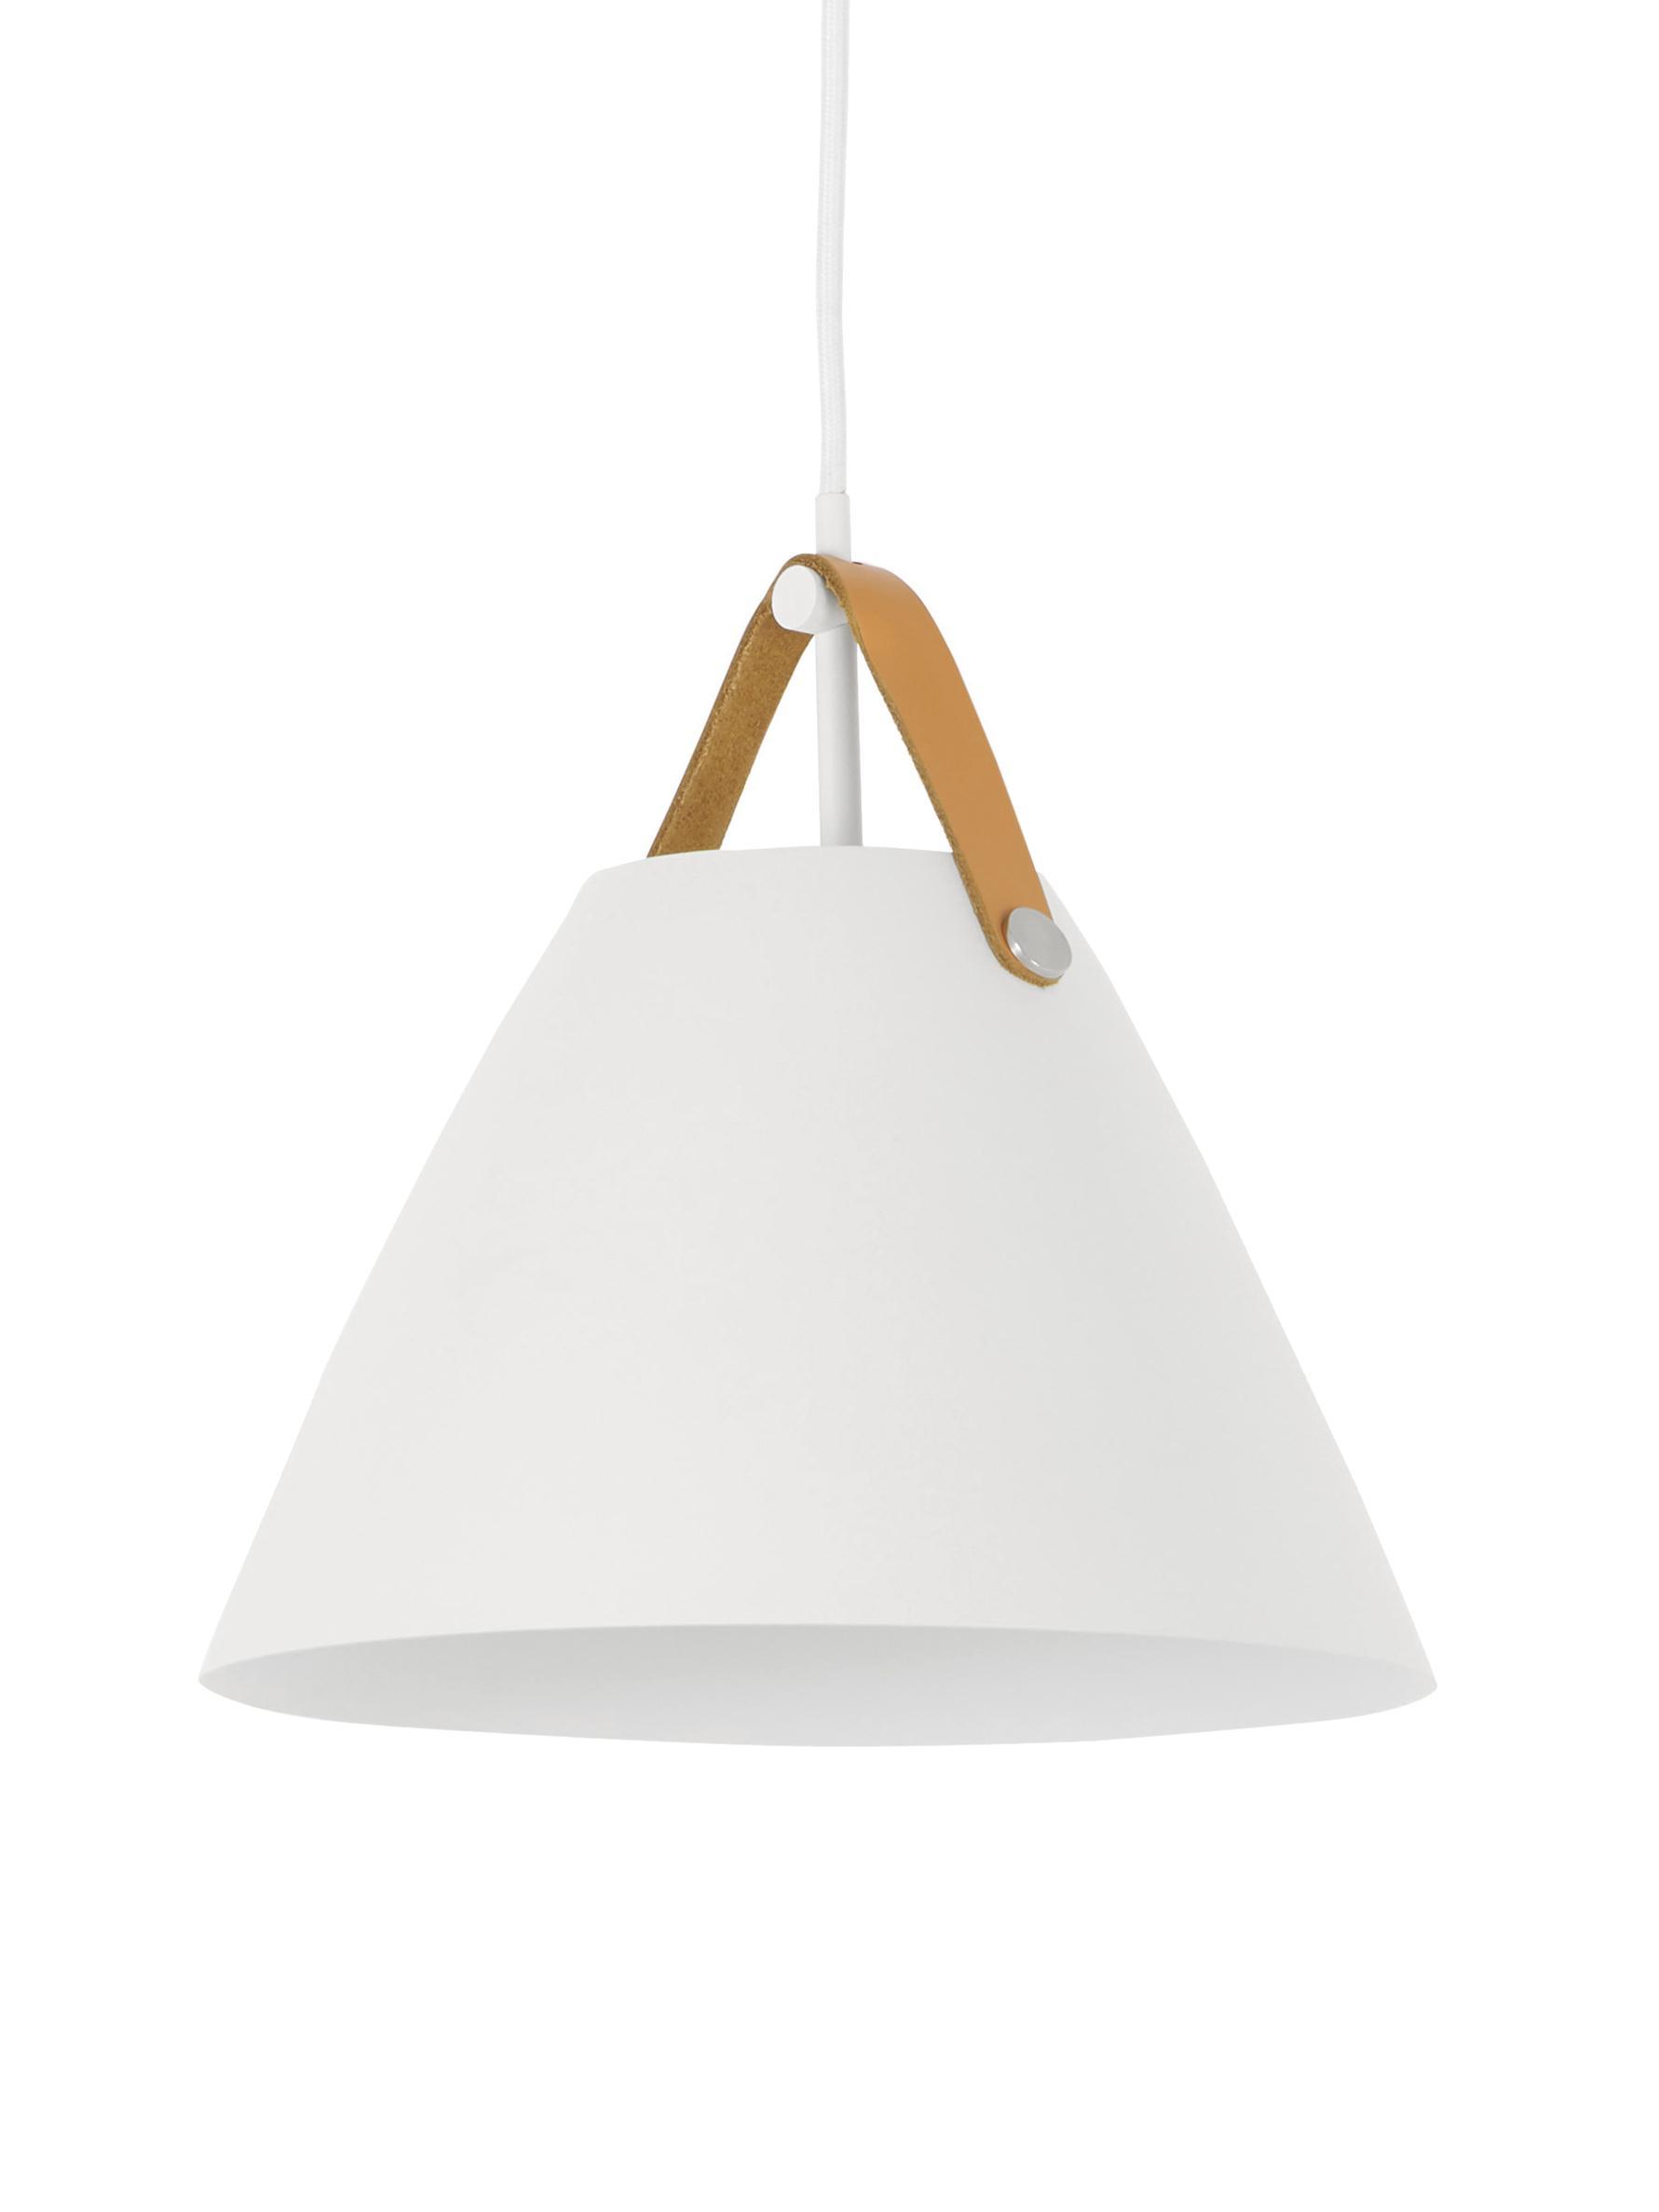 Mała lampa wisząca ze skórzanym paskiem Strap, Biały, Ø 27 x 25 cm